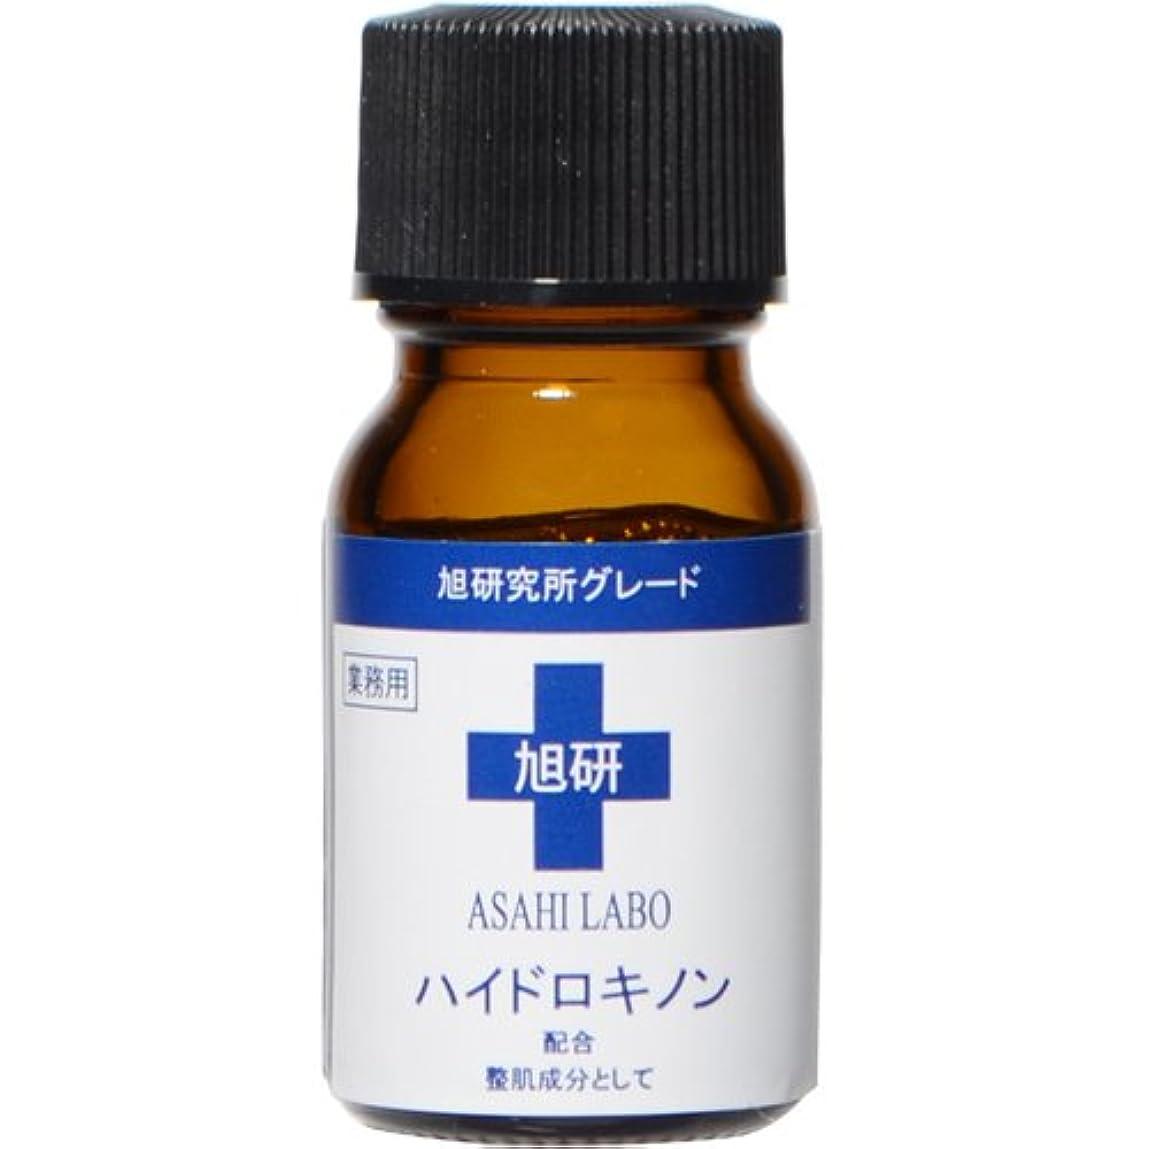 塩正午除外する業務用ハイドロキノン 10g